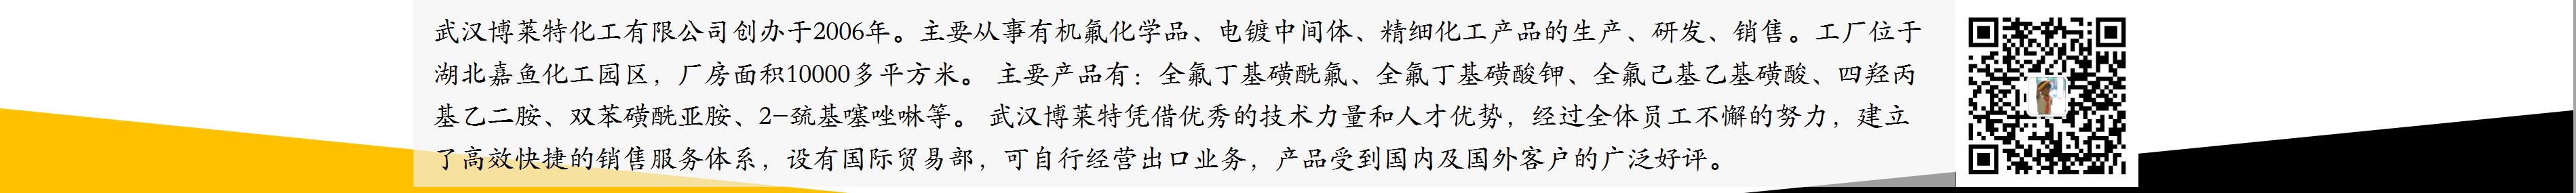 武漢博萊特化工有限公司